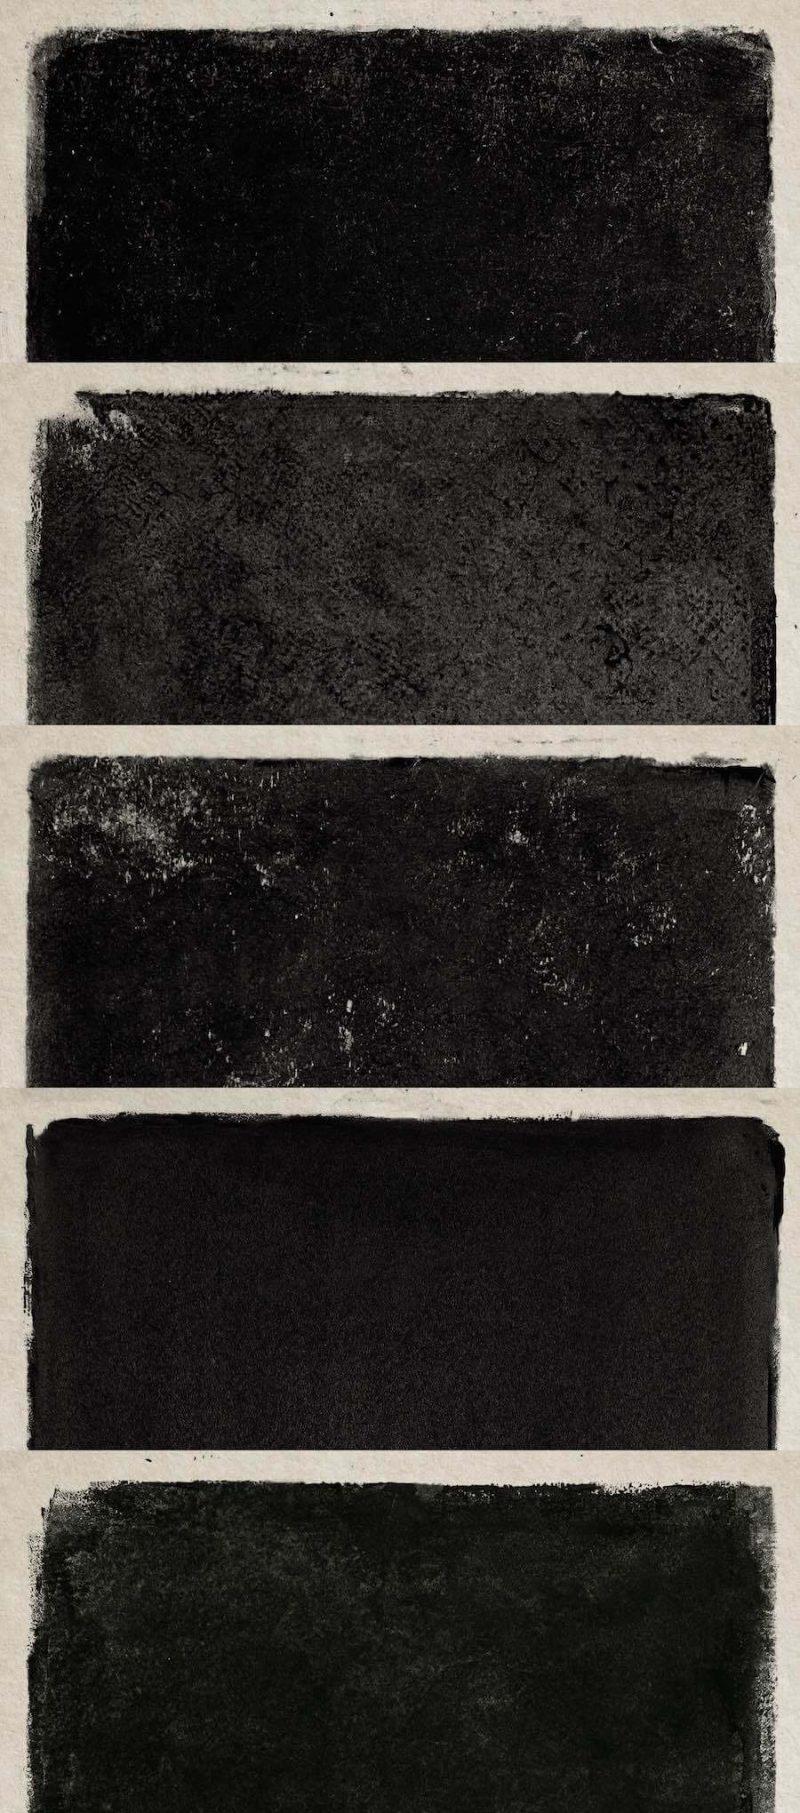 5-Soft-Grunge-Textures